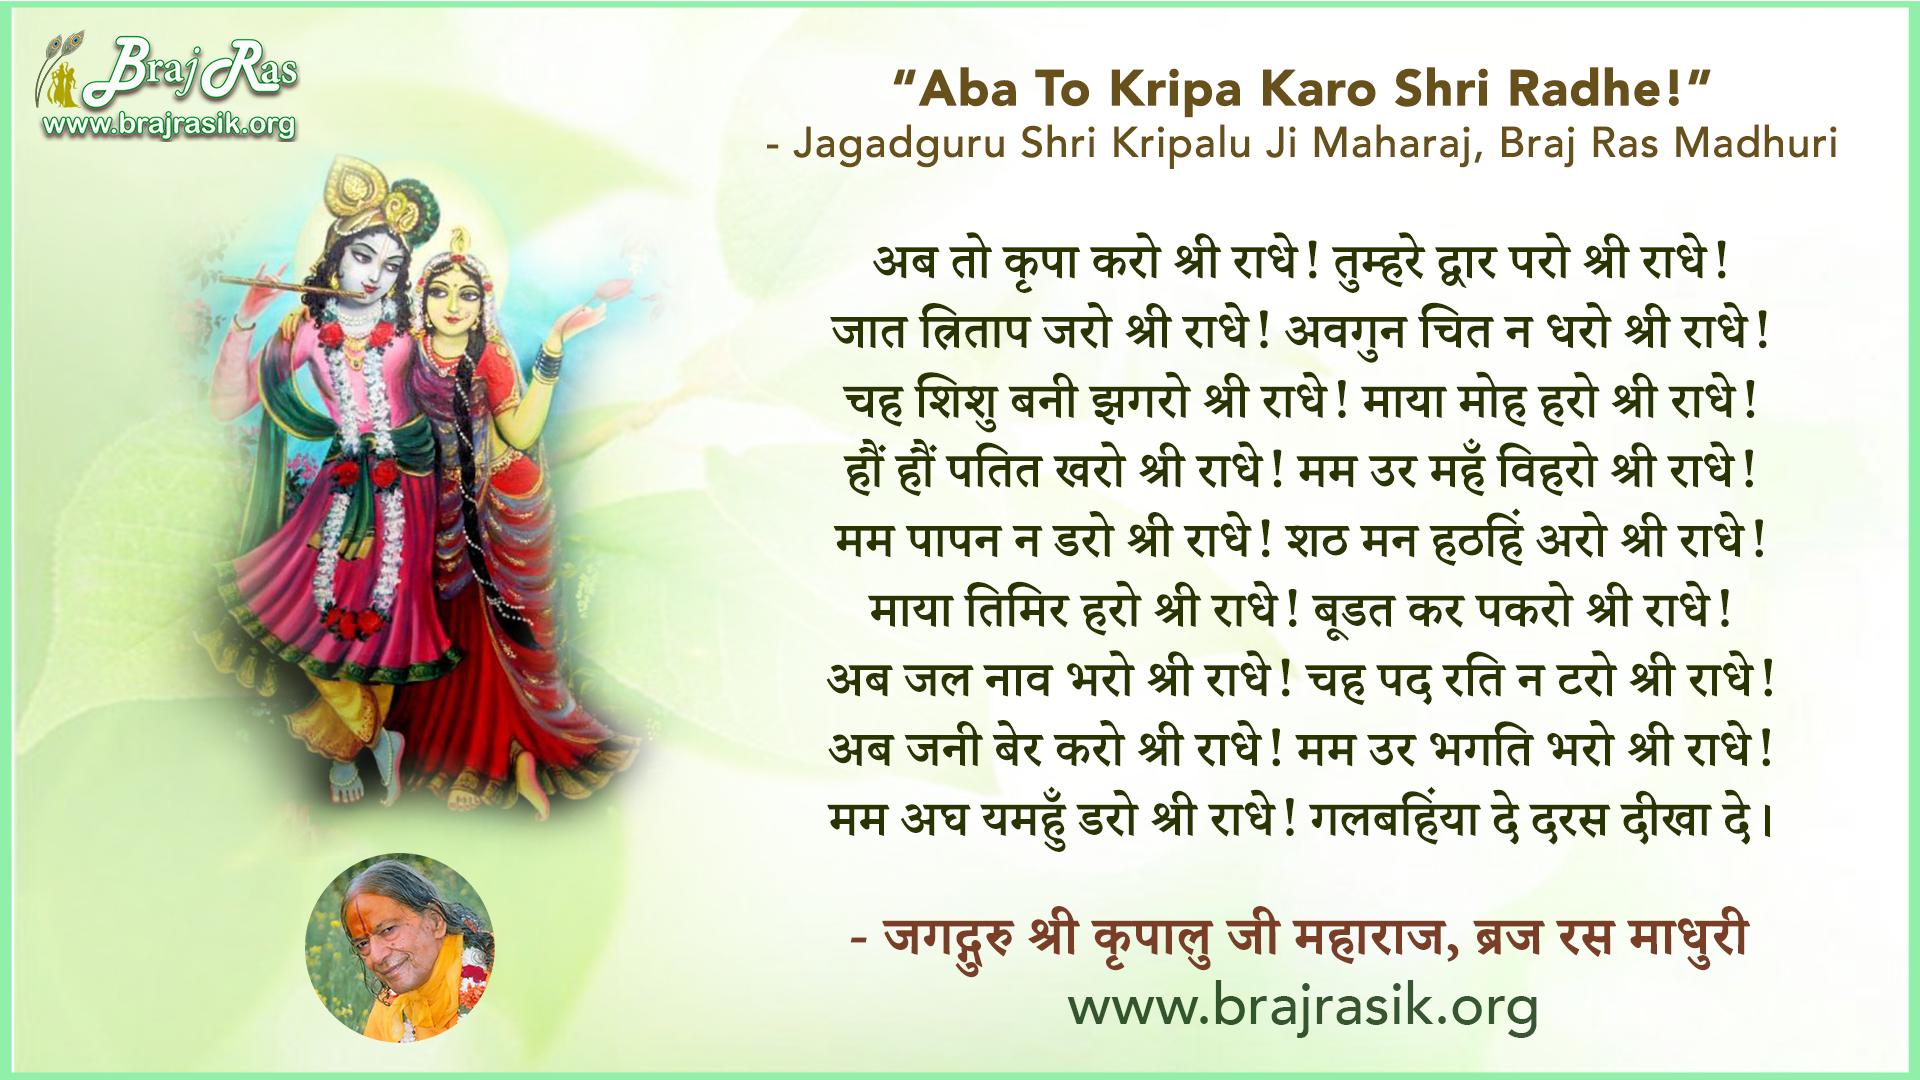 Aba to kripa karo Shri Radhe! - Jagadguru Shri Kripalu Ji Maharaj, Braj Ras Madhuri